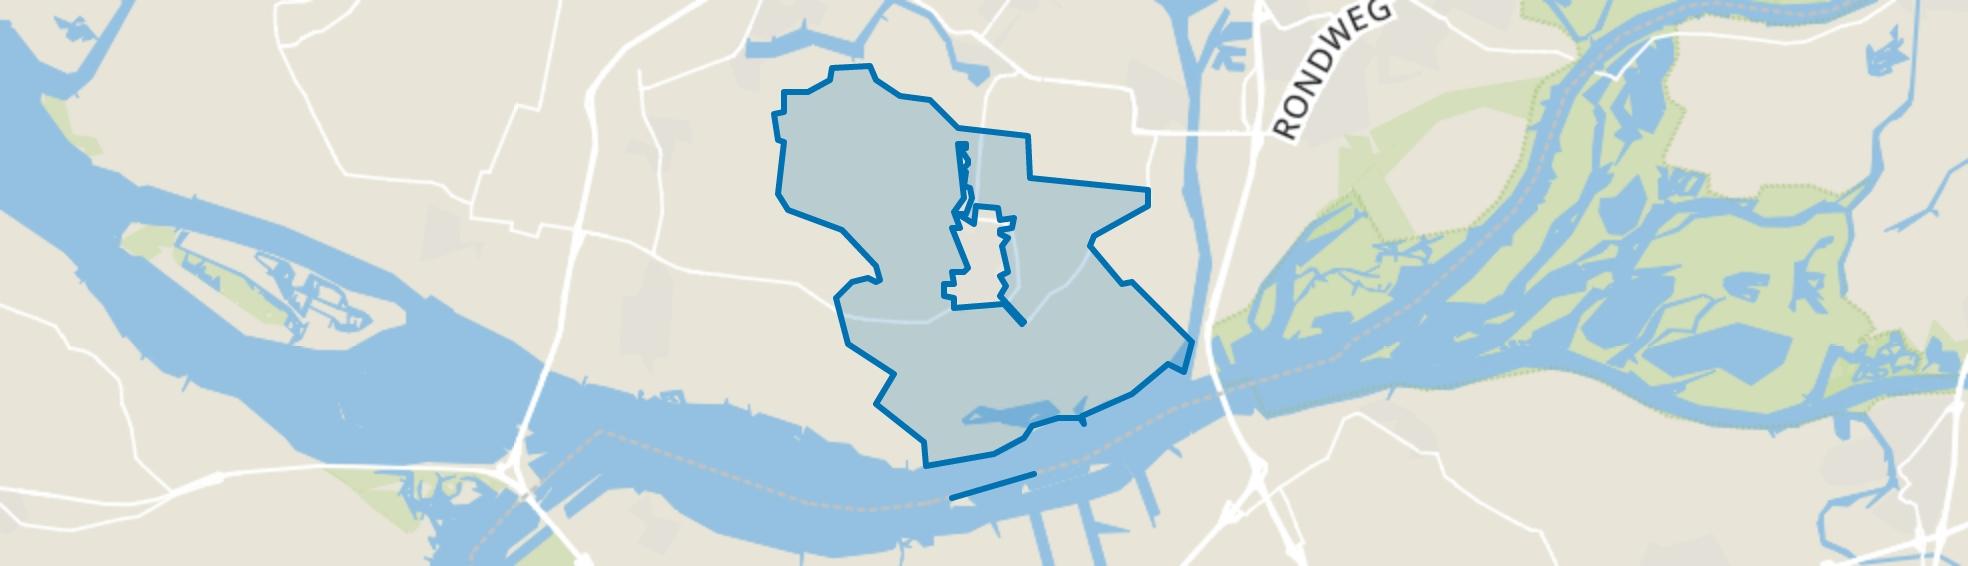 Strijen Buitengebied, Strijen map